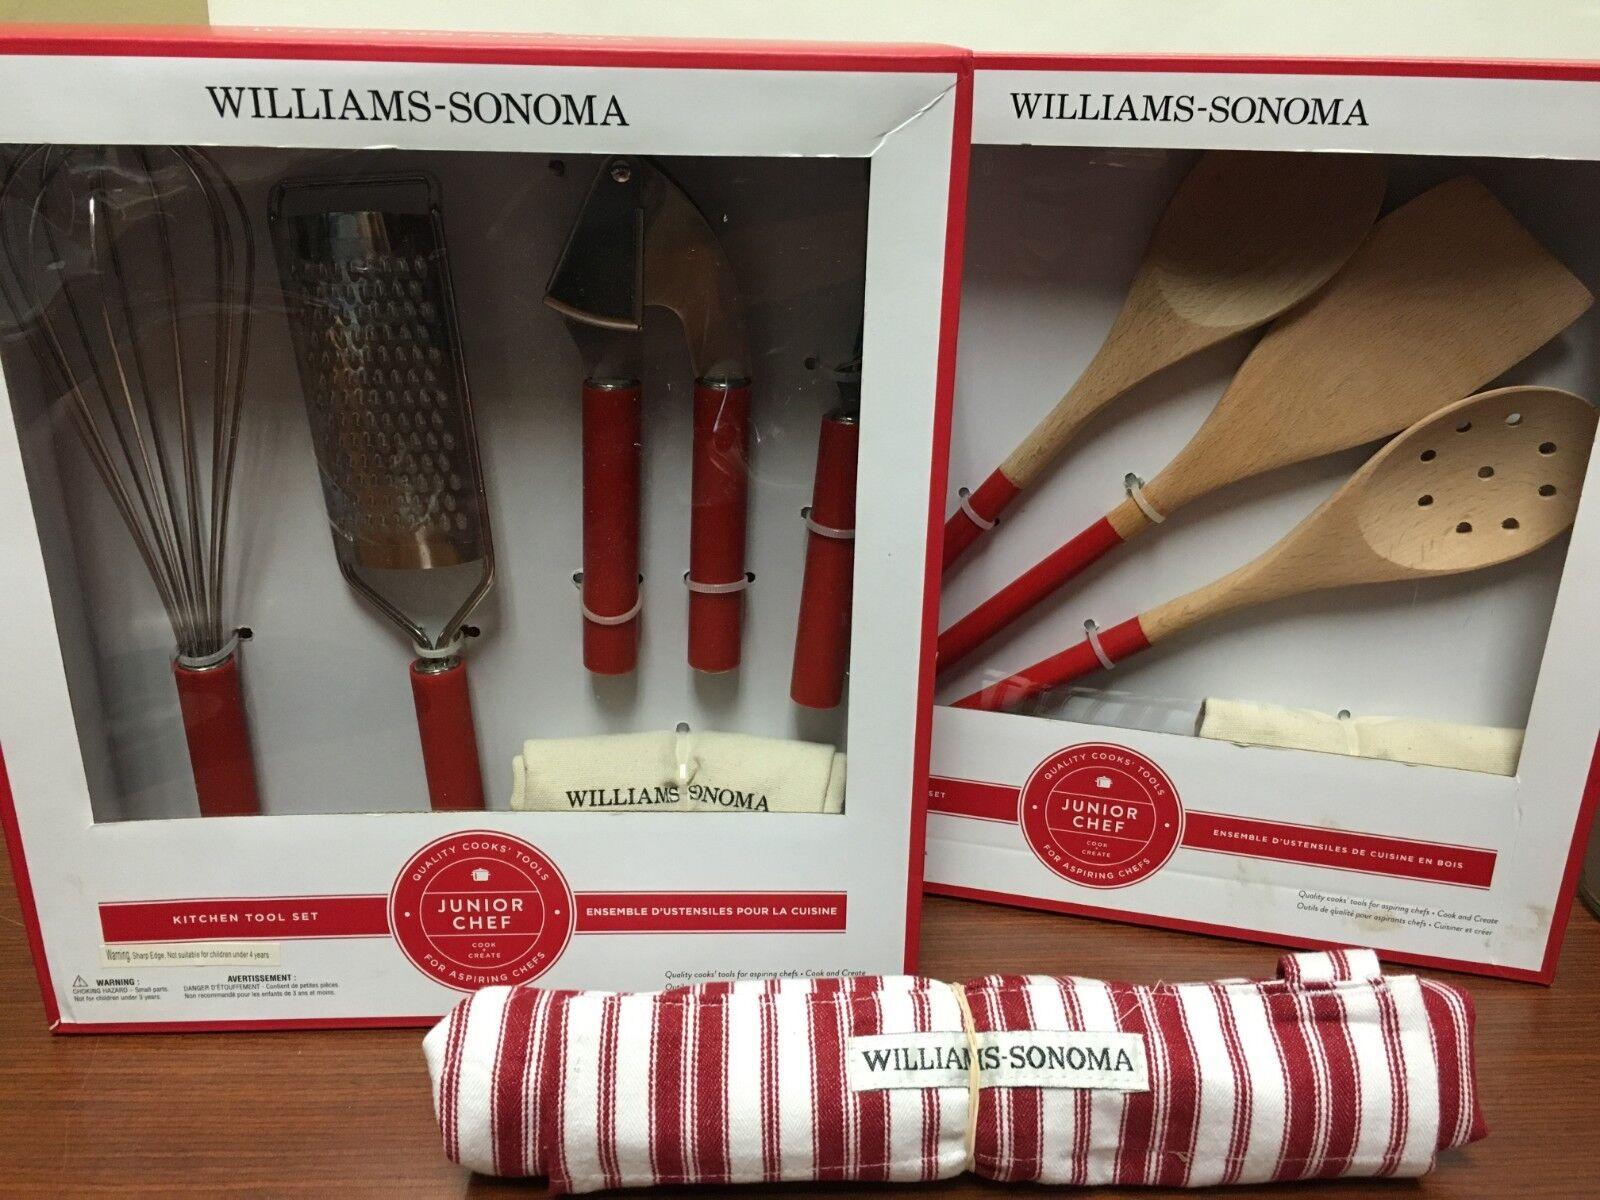 nouveau 3 Williams-Sonoma Junior Chef Kitchen Gadget Tool, bois Utensil Sets & Apron